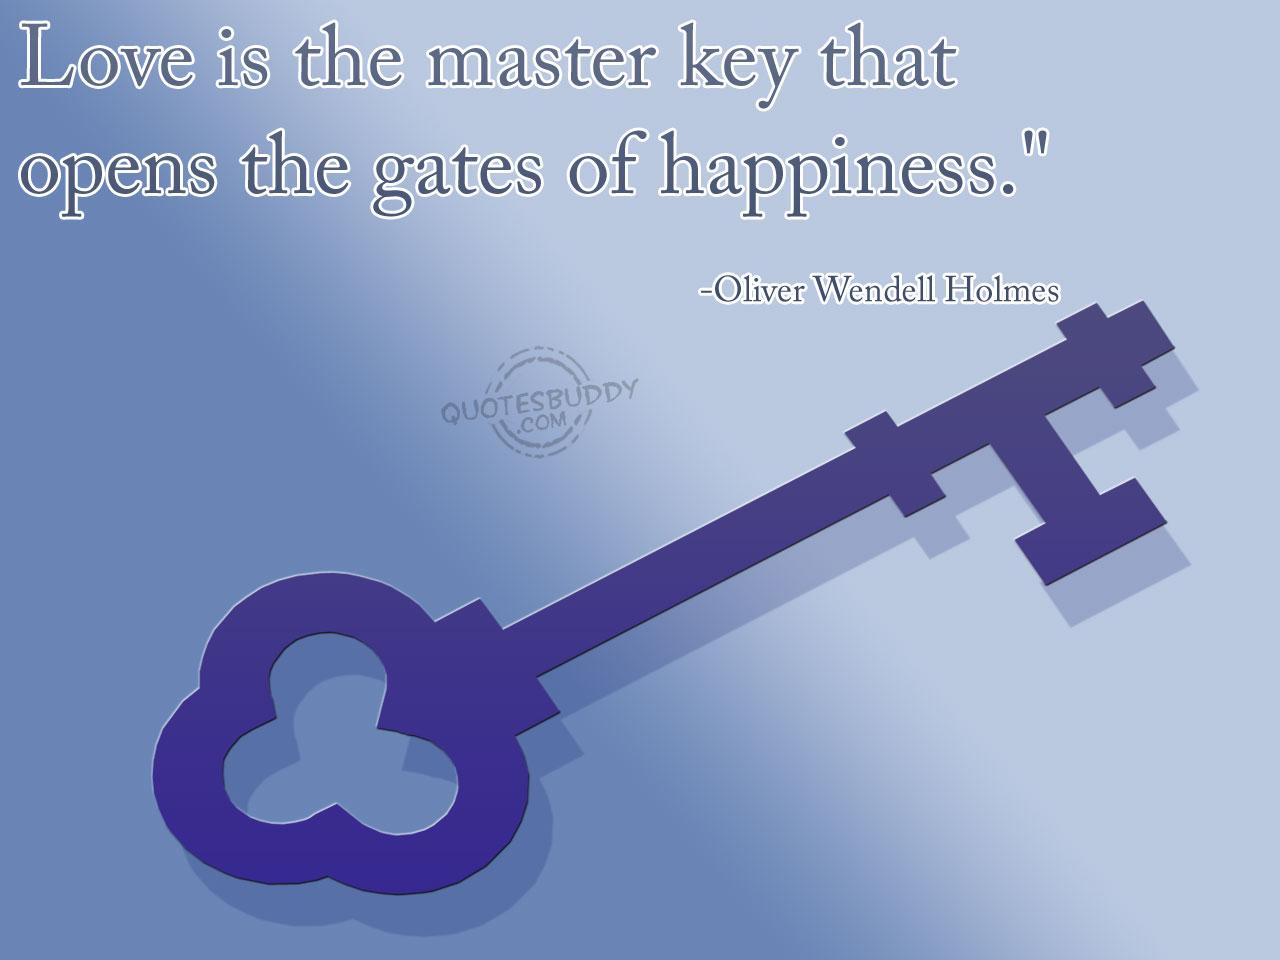 Key quote #3